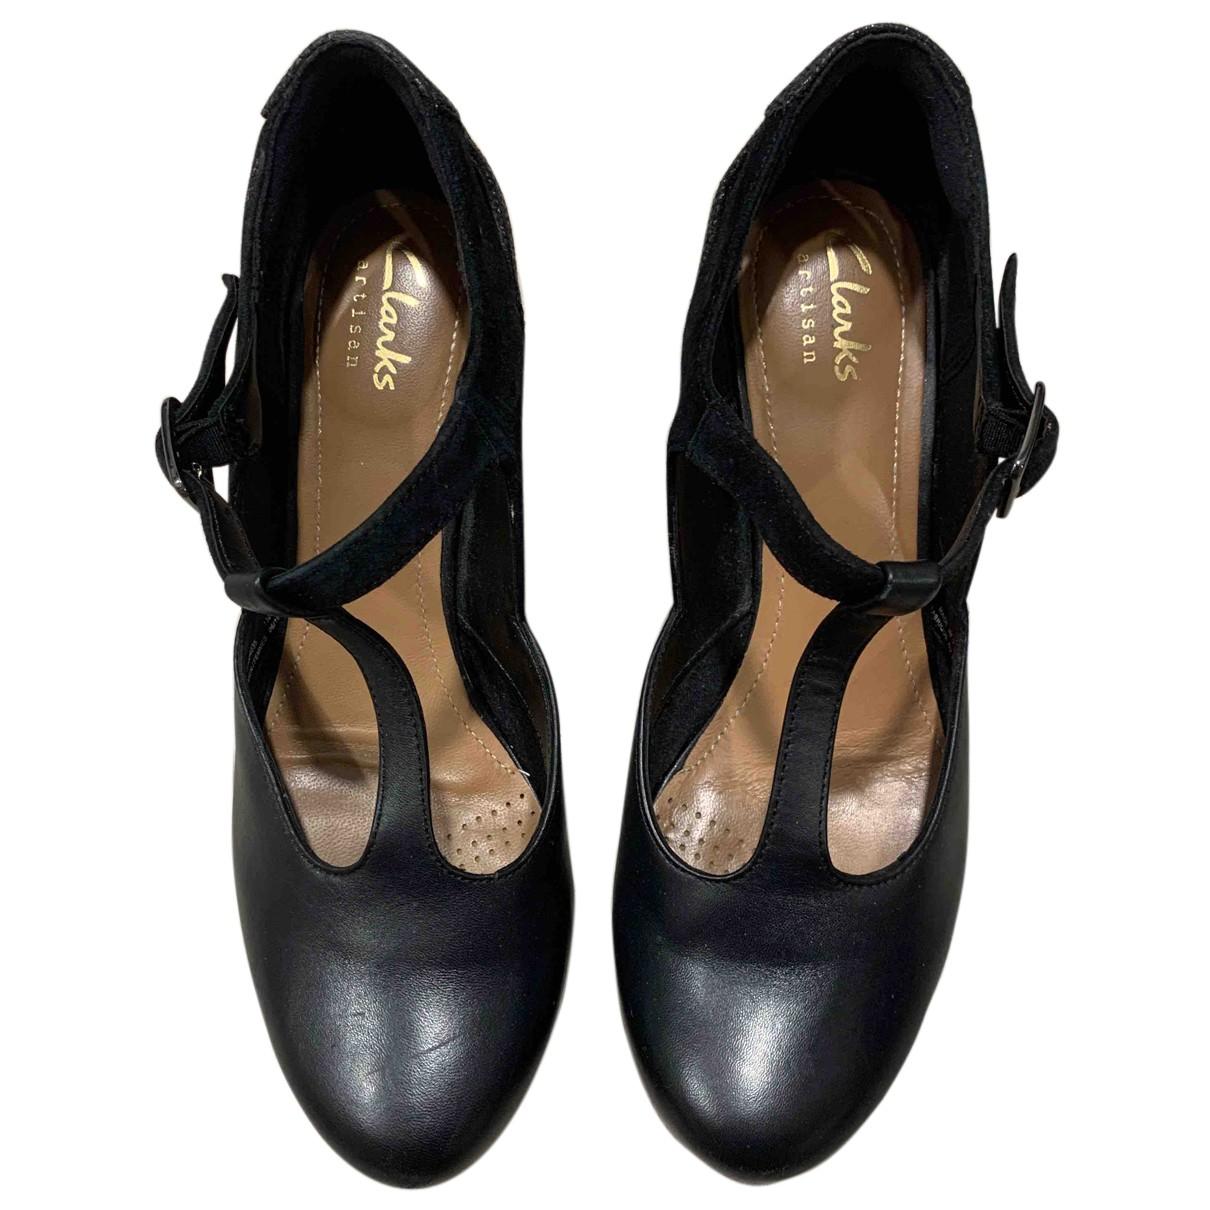 Clarks N Black Leather Heels for Women 36 EU